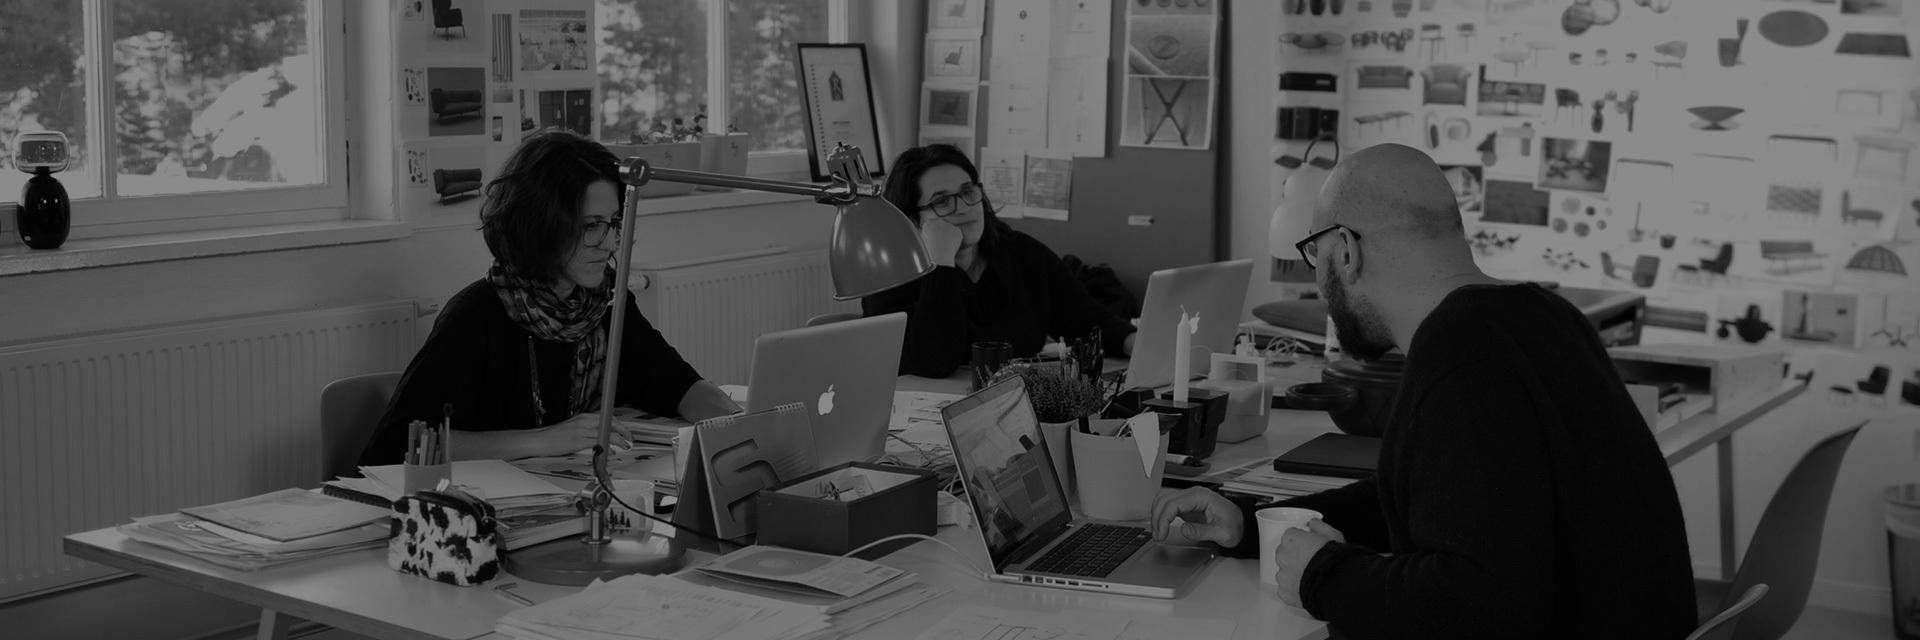 意大利及瑞典著名建筑师、设计师,造作艺术总监。2013年Interior Innovation Adward和Elle Decor Italy联合授予的年度设计师,IMM Cologne荣誉嘉宾,2009年EDIDA年度青年设计师,2008年IF产品设计奖,2008年Gran Design Award.作为欧洲久负盛名的设计师,两个设计事务所的创始人,各大国际设计展的设计师和策展人,Luca亲手主持过上百个家具和工业设计项目,但却保始终持着一颗匠人之心。